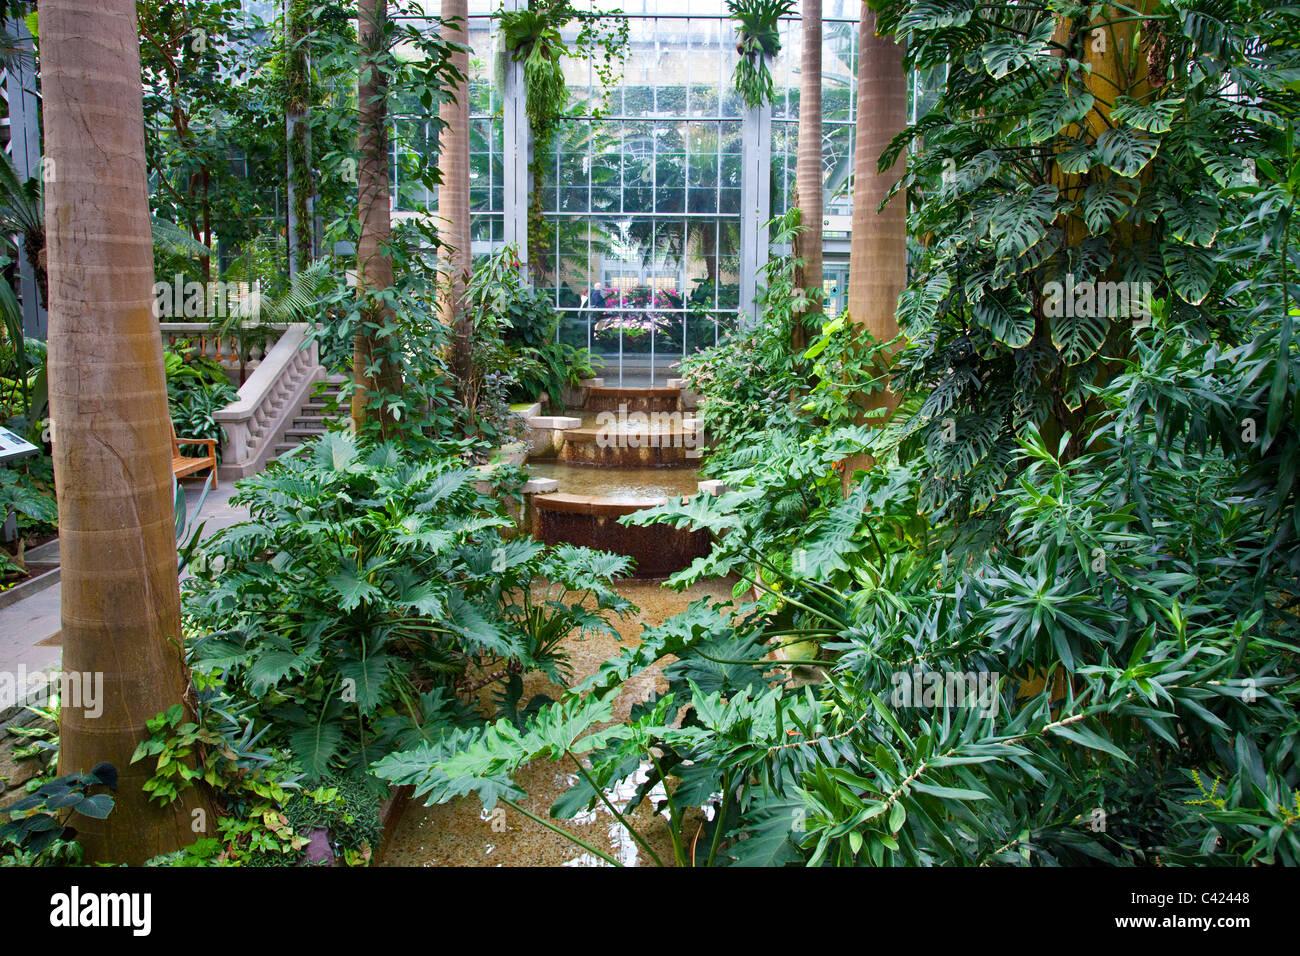 united states botanic garden conservatory washington dc stock image - Botanical Garden Washington Dc